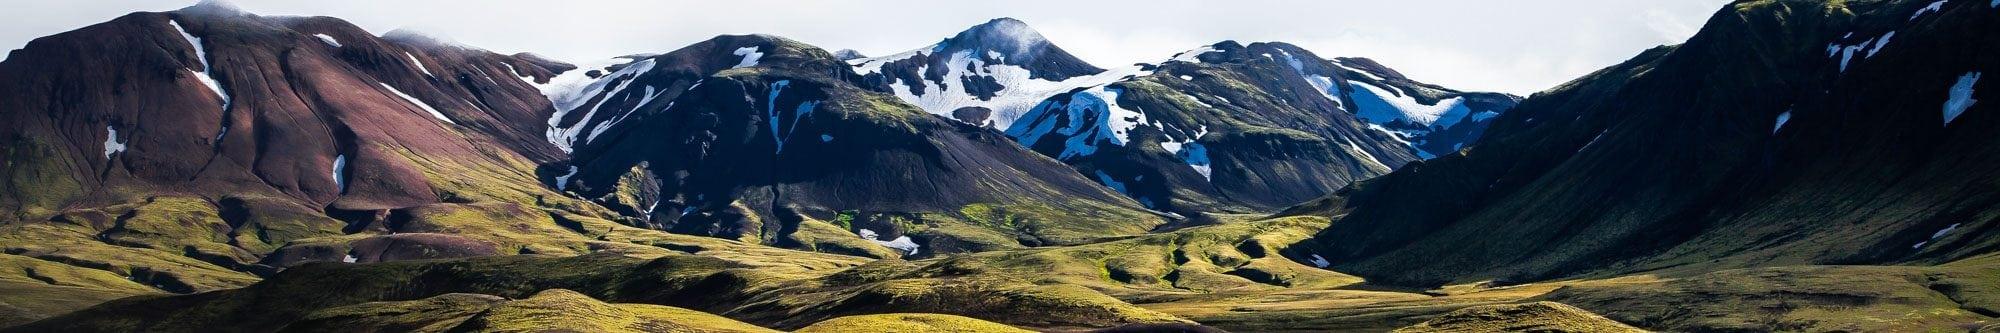 Sentier Laugavegur Islande